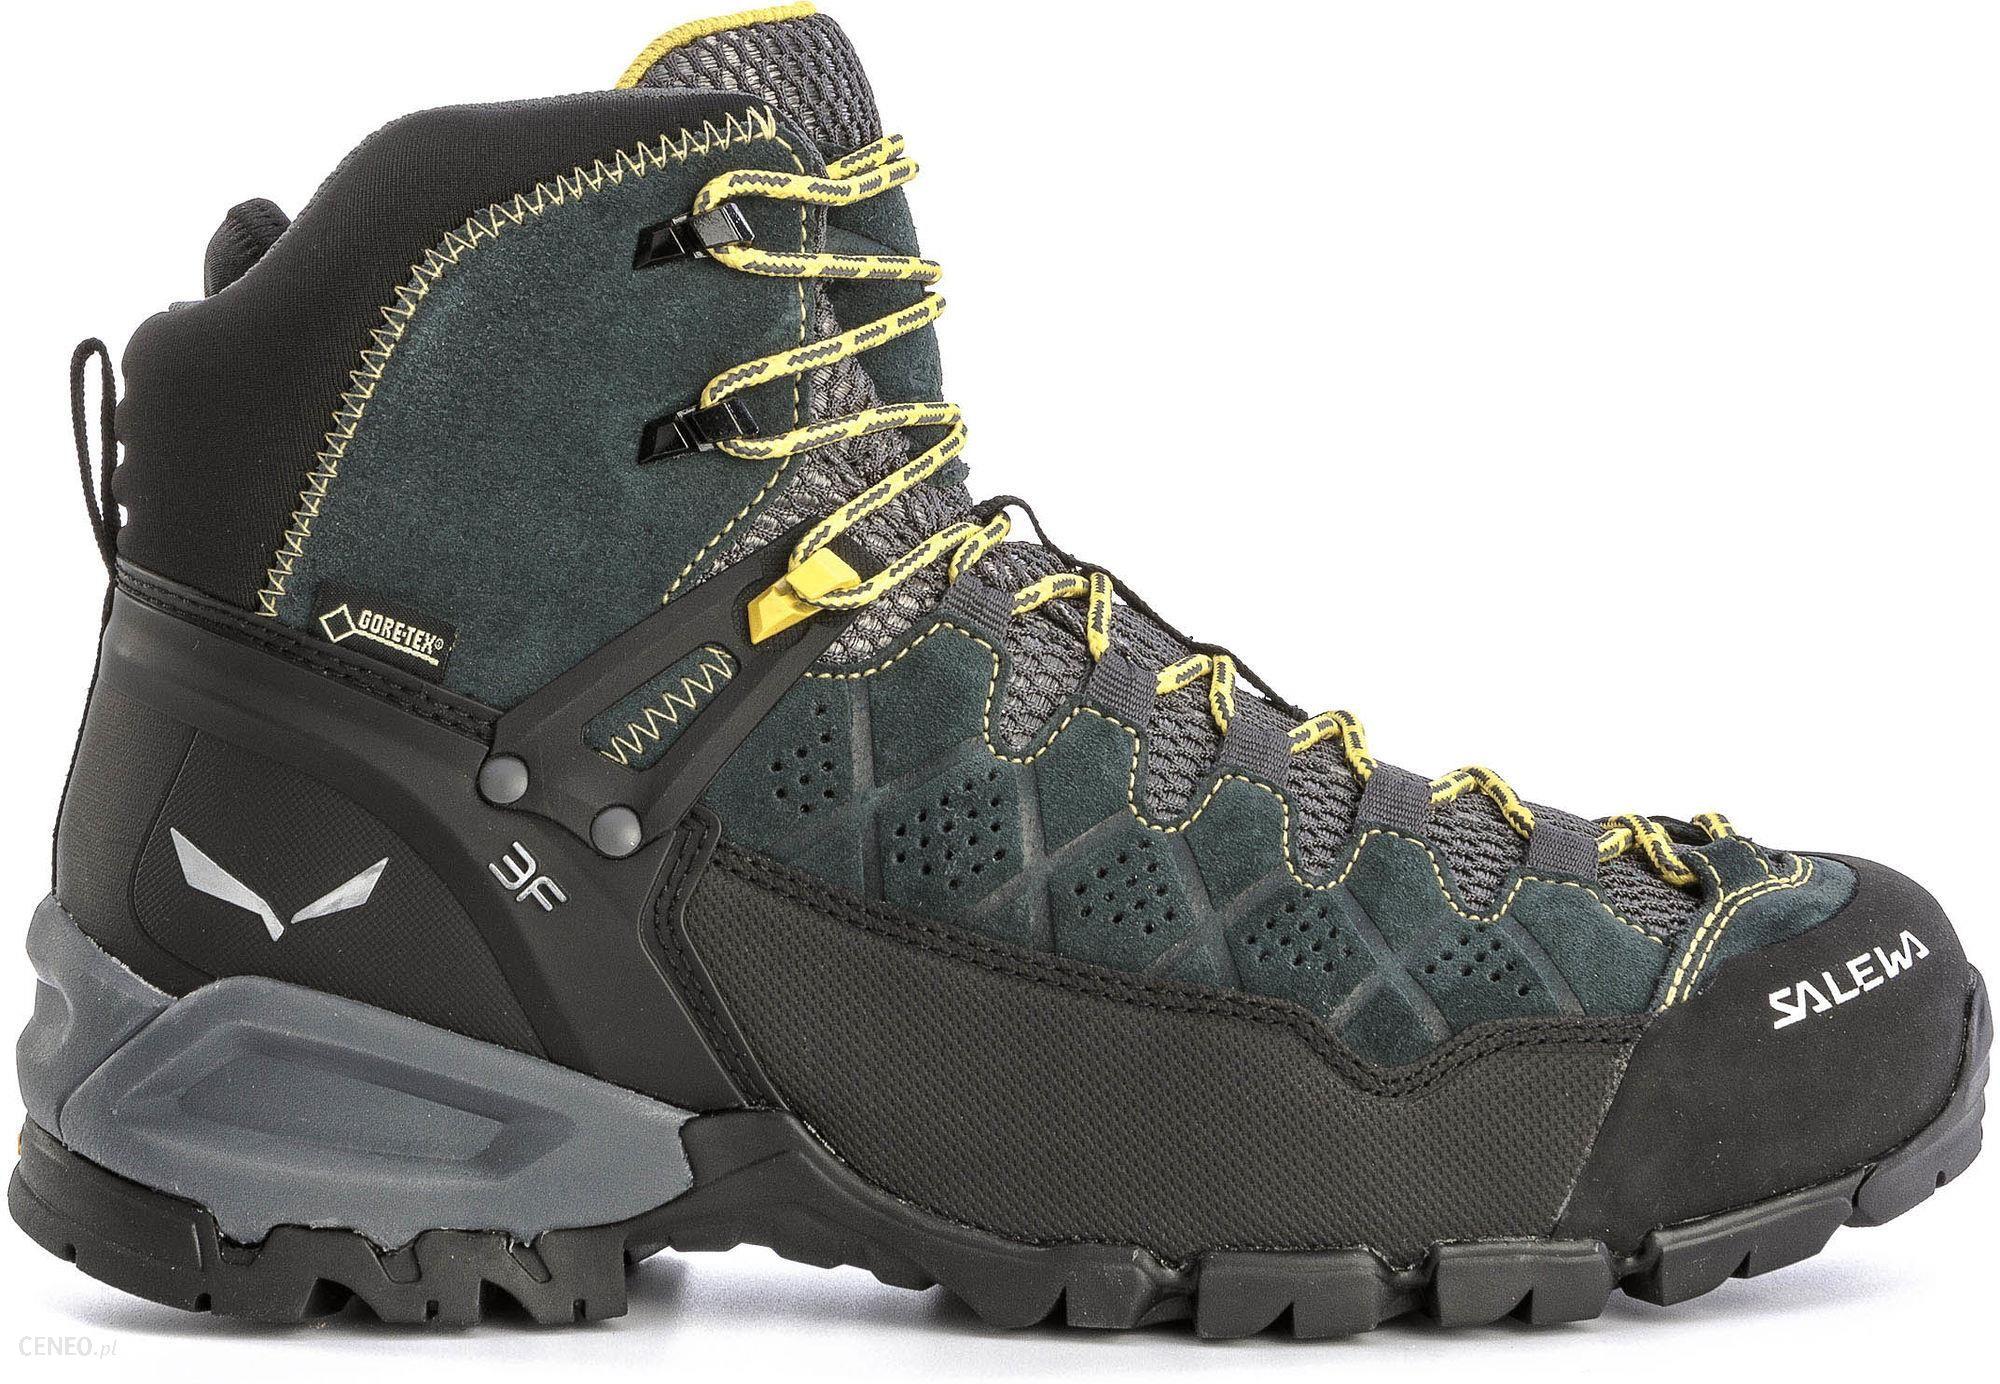 d284414ead80 Salewa Buty Trekkingowe Alp Trainer Mid Gtx Grafitowe 634320766 - zdjęcie 1